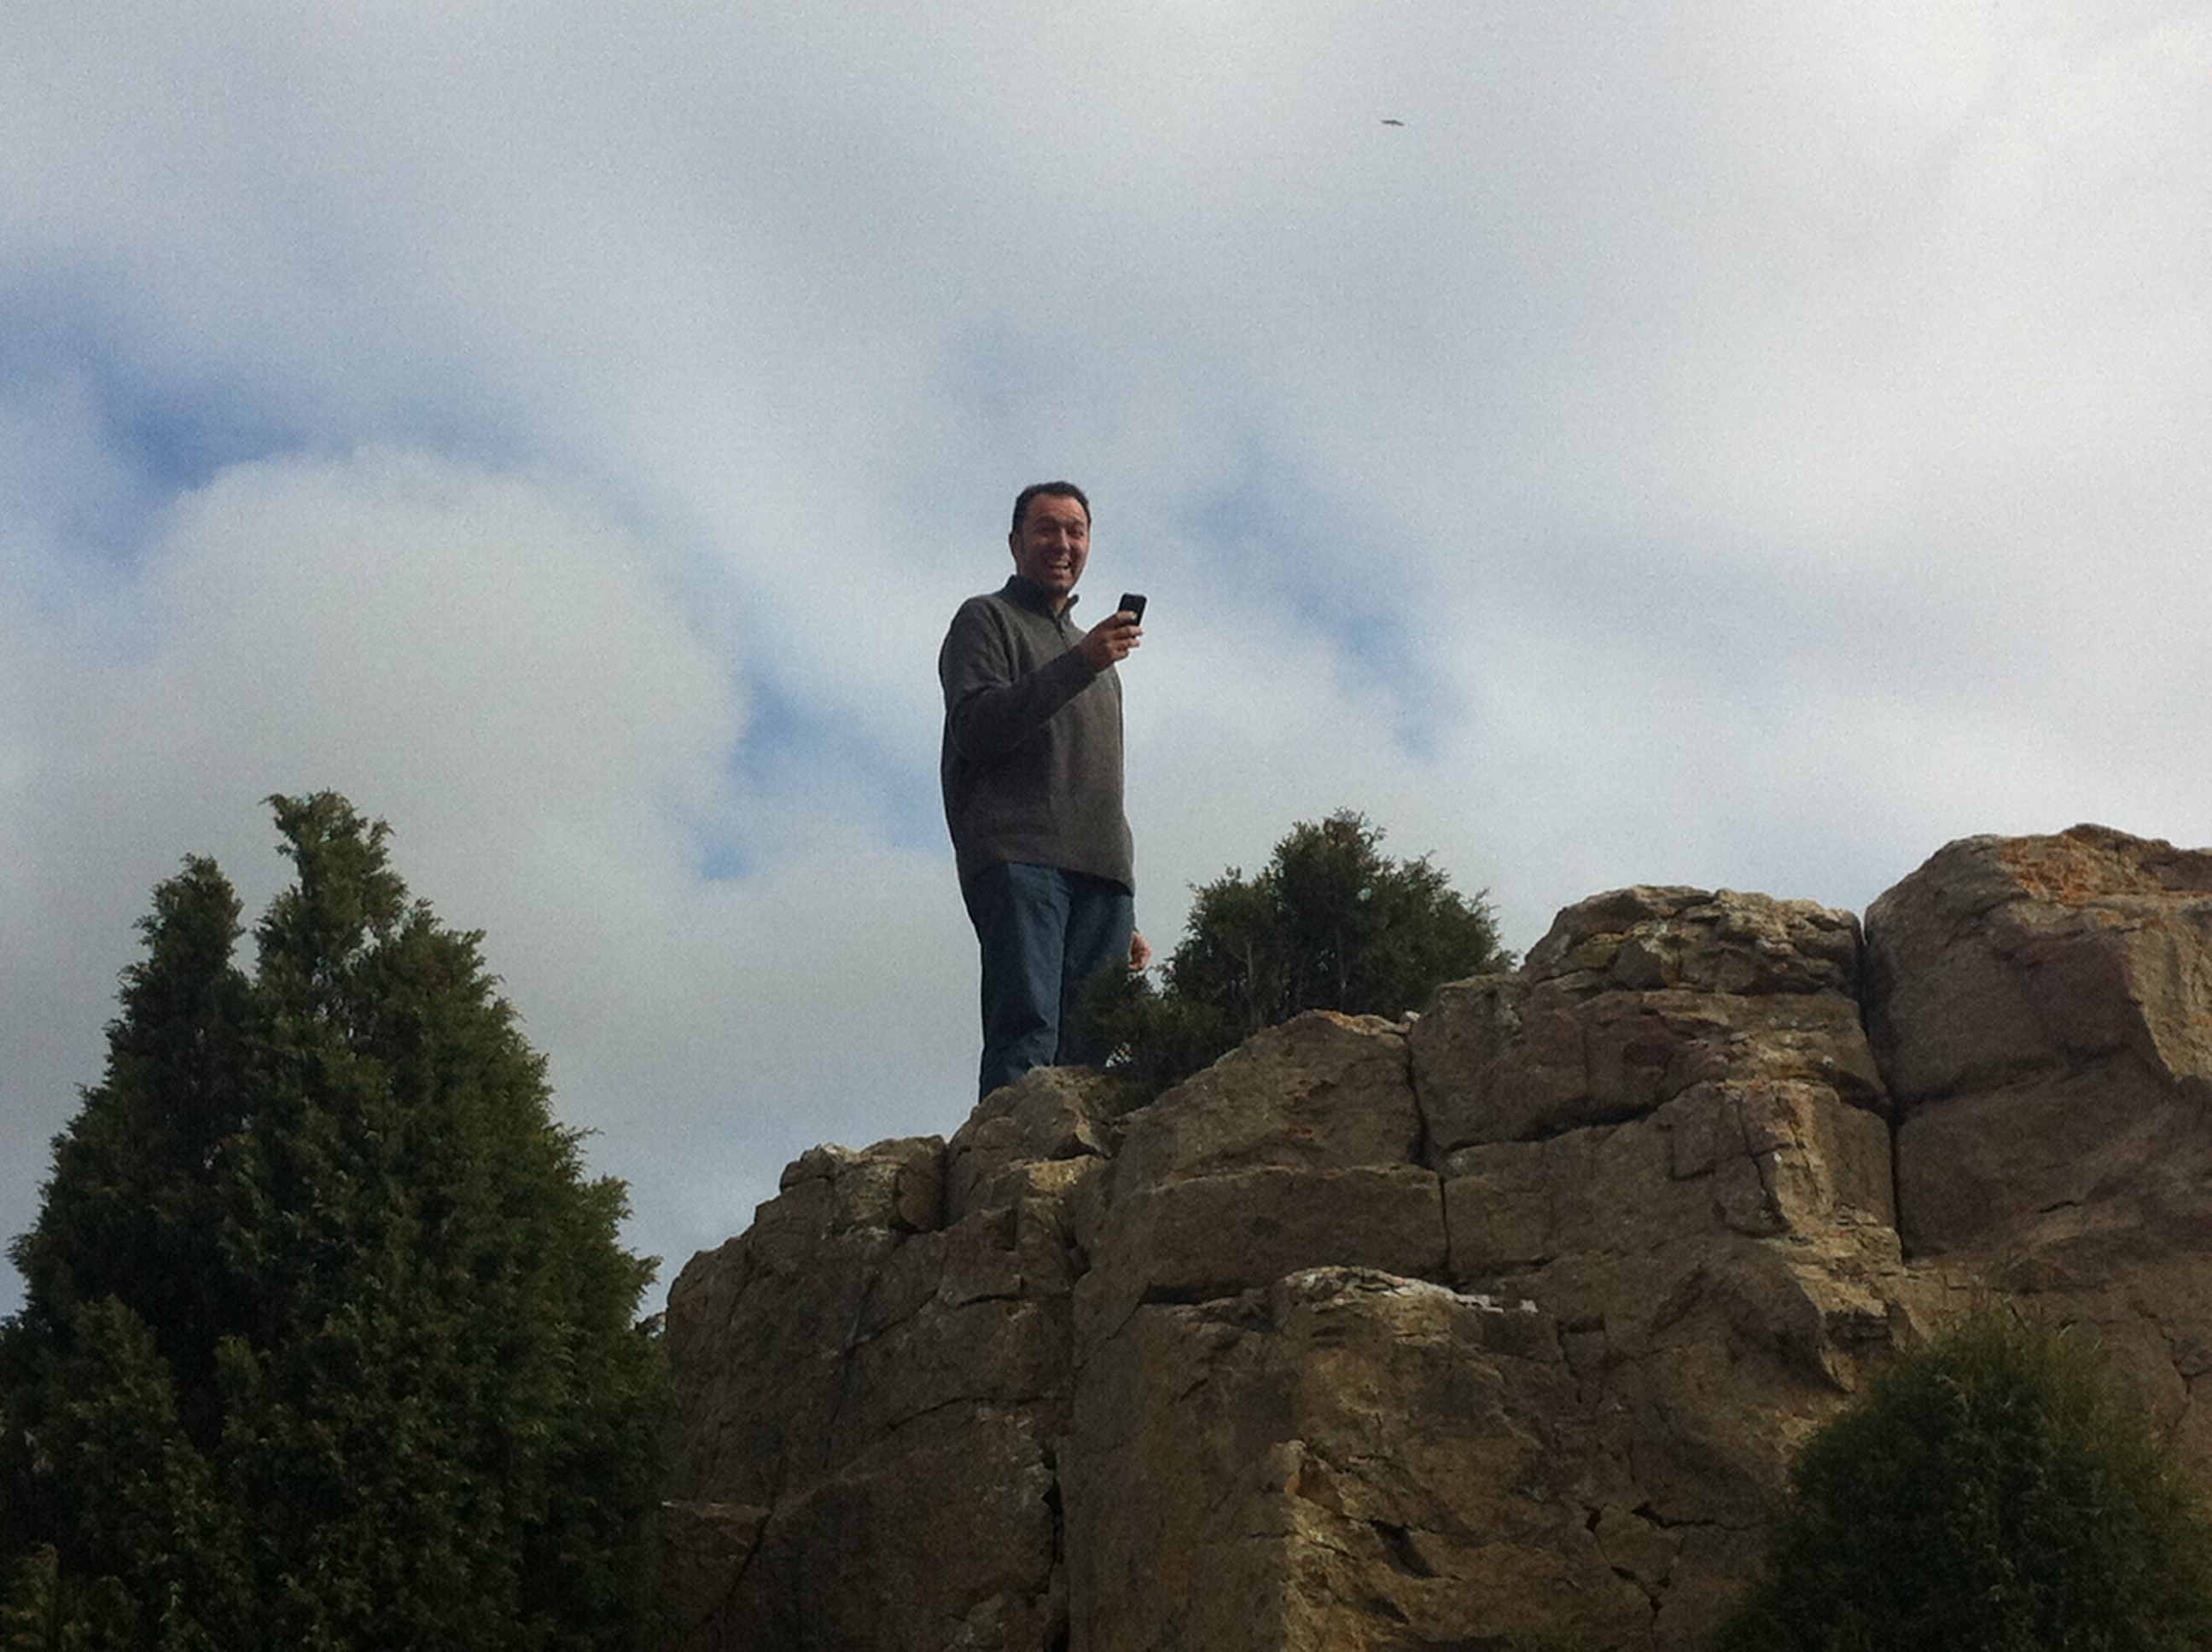 Las 1000 sonrisas de Teruel en el Social Trip Teruel 2012 #sienteteruel, Mario Schumacher Blog